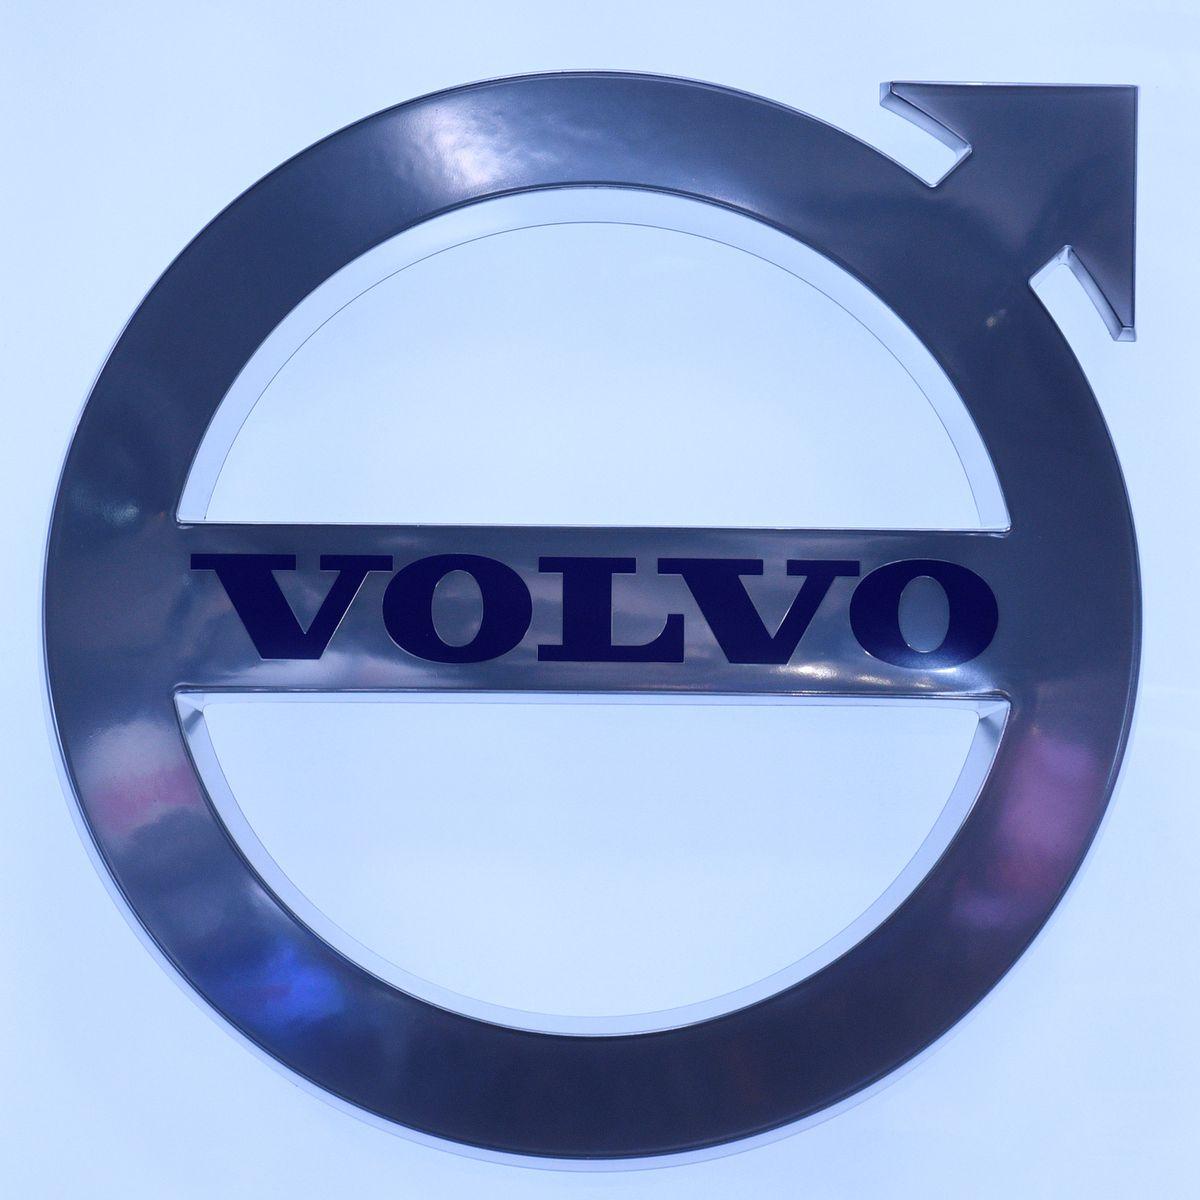 Прибыль производителя грузовиков Volvo превосходит прогноз, но проблемы с чипами сохраняются